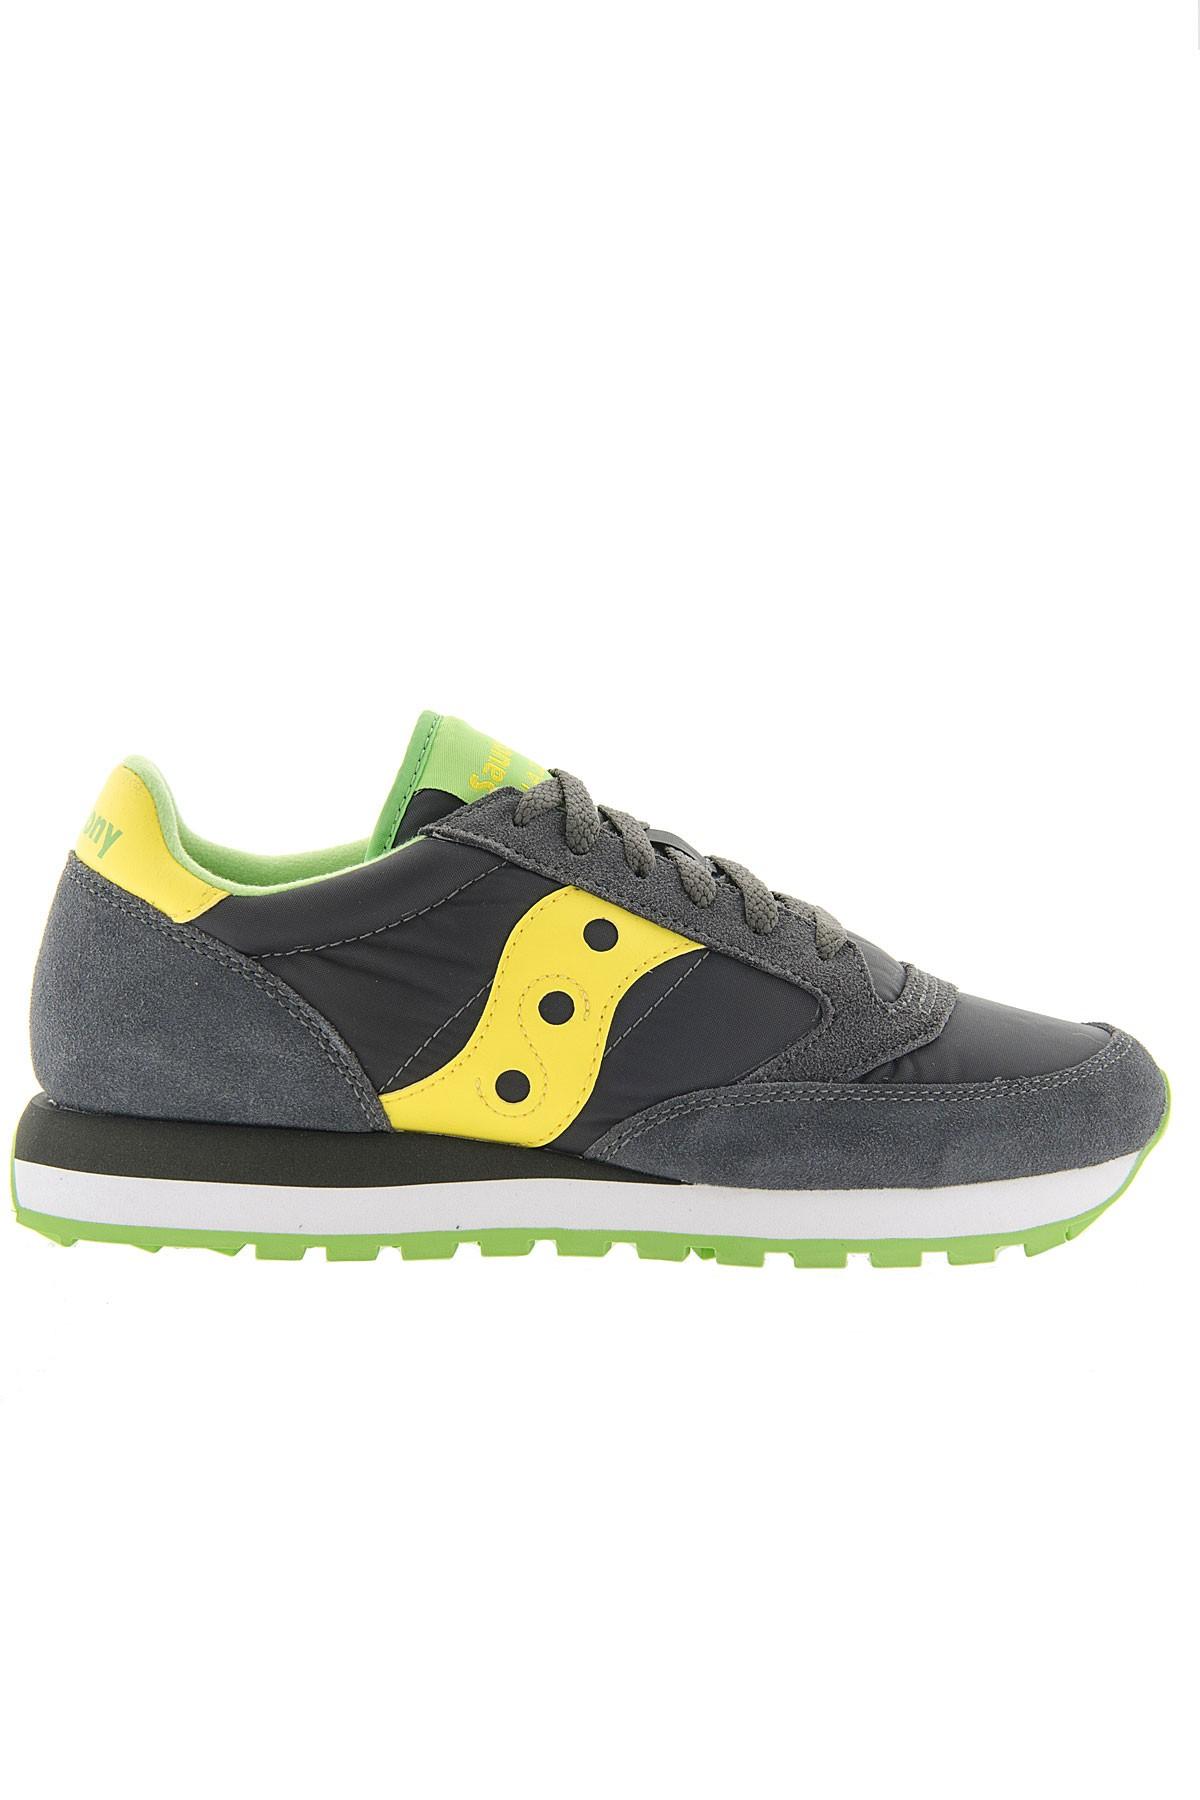 saucony yellow